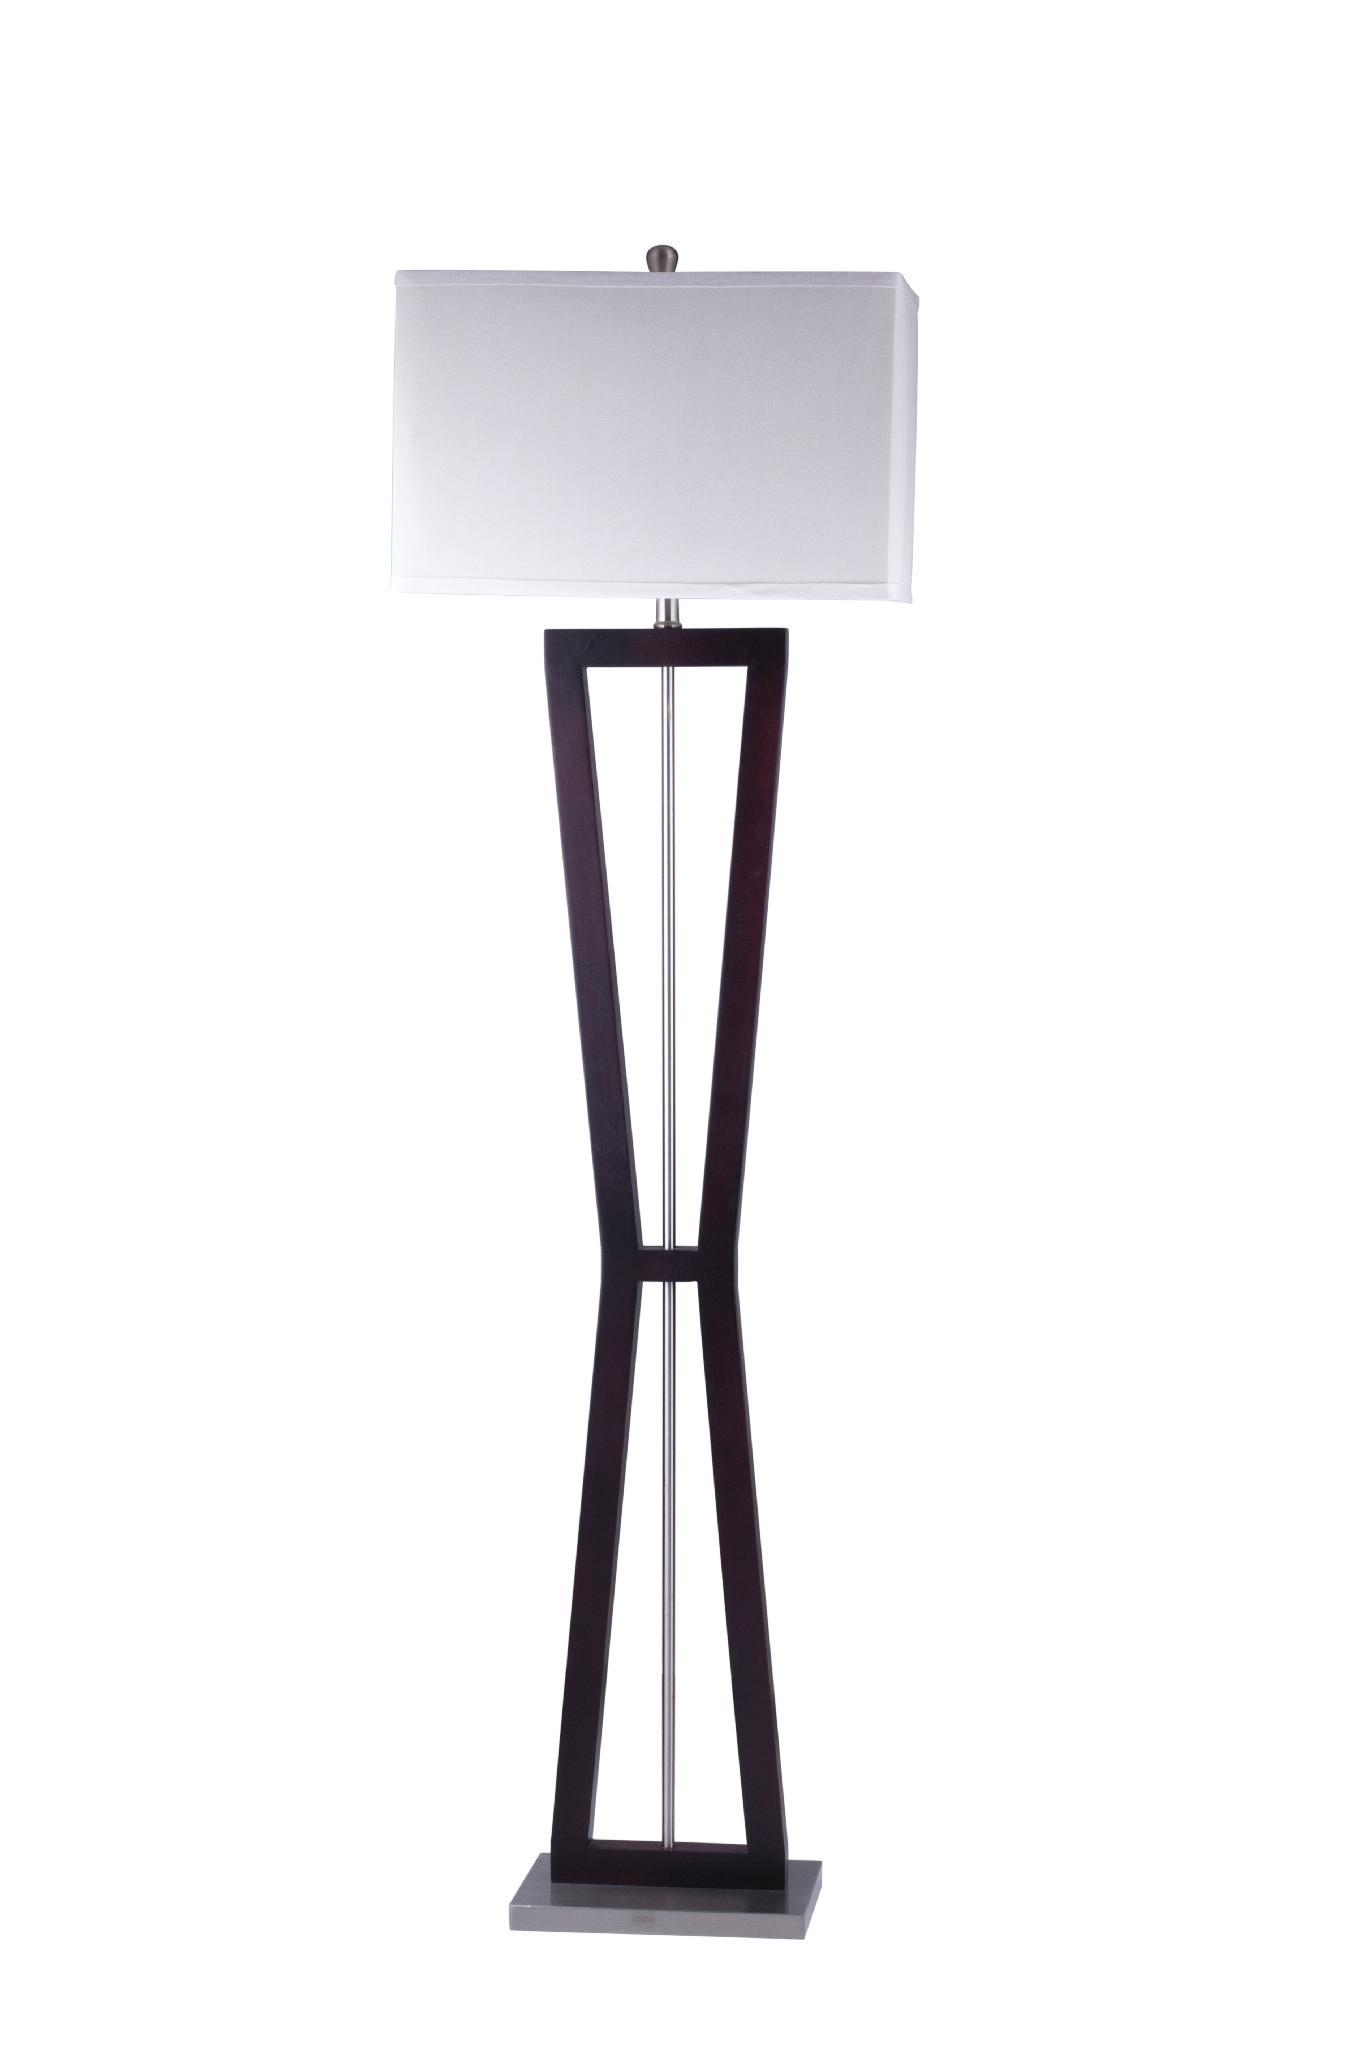 HOURGLASS FLOOR LAMP 1